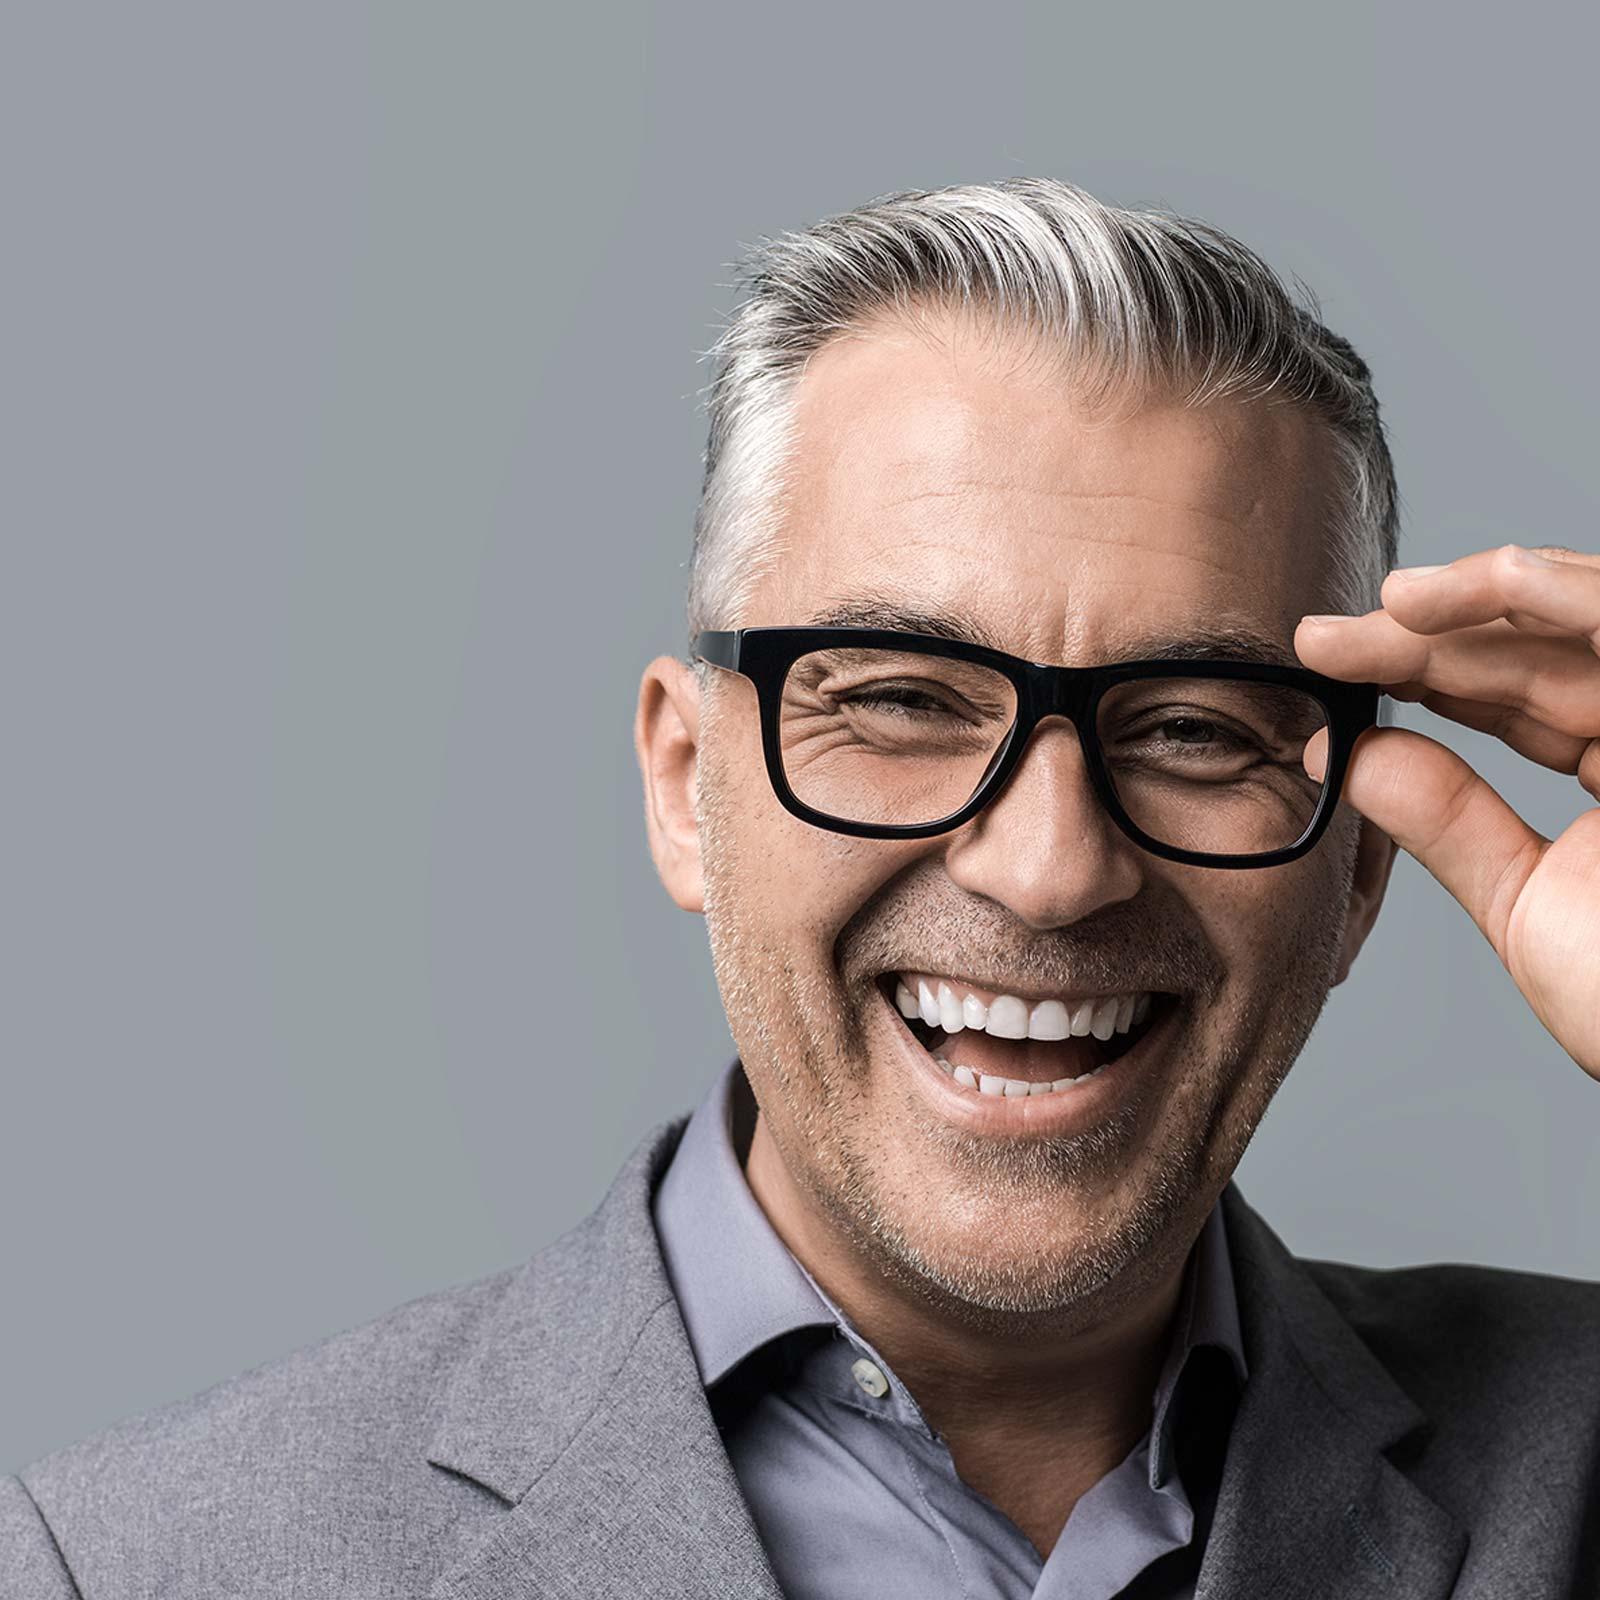 Dank Zahnimplantate aus Innsbruck freut sich dieser Mann über feste Zähne, mit denen er alles essen kann.